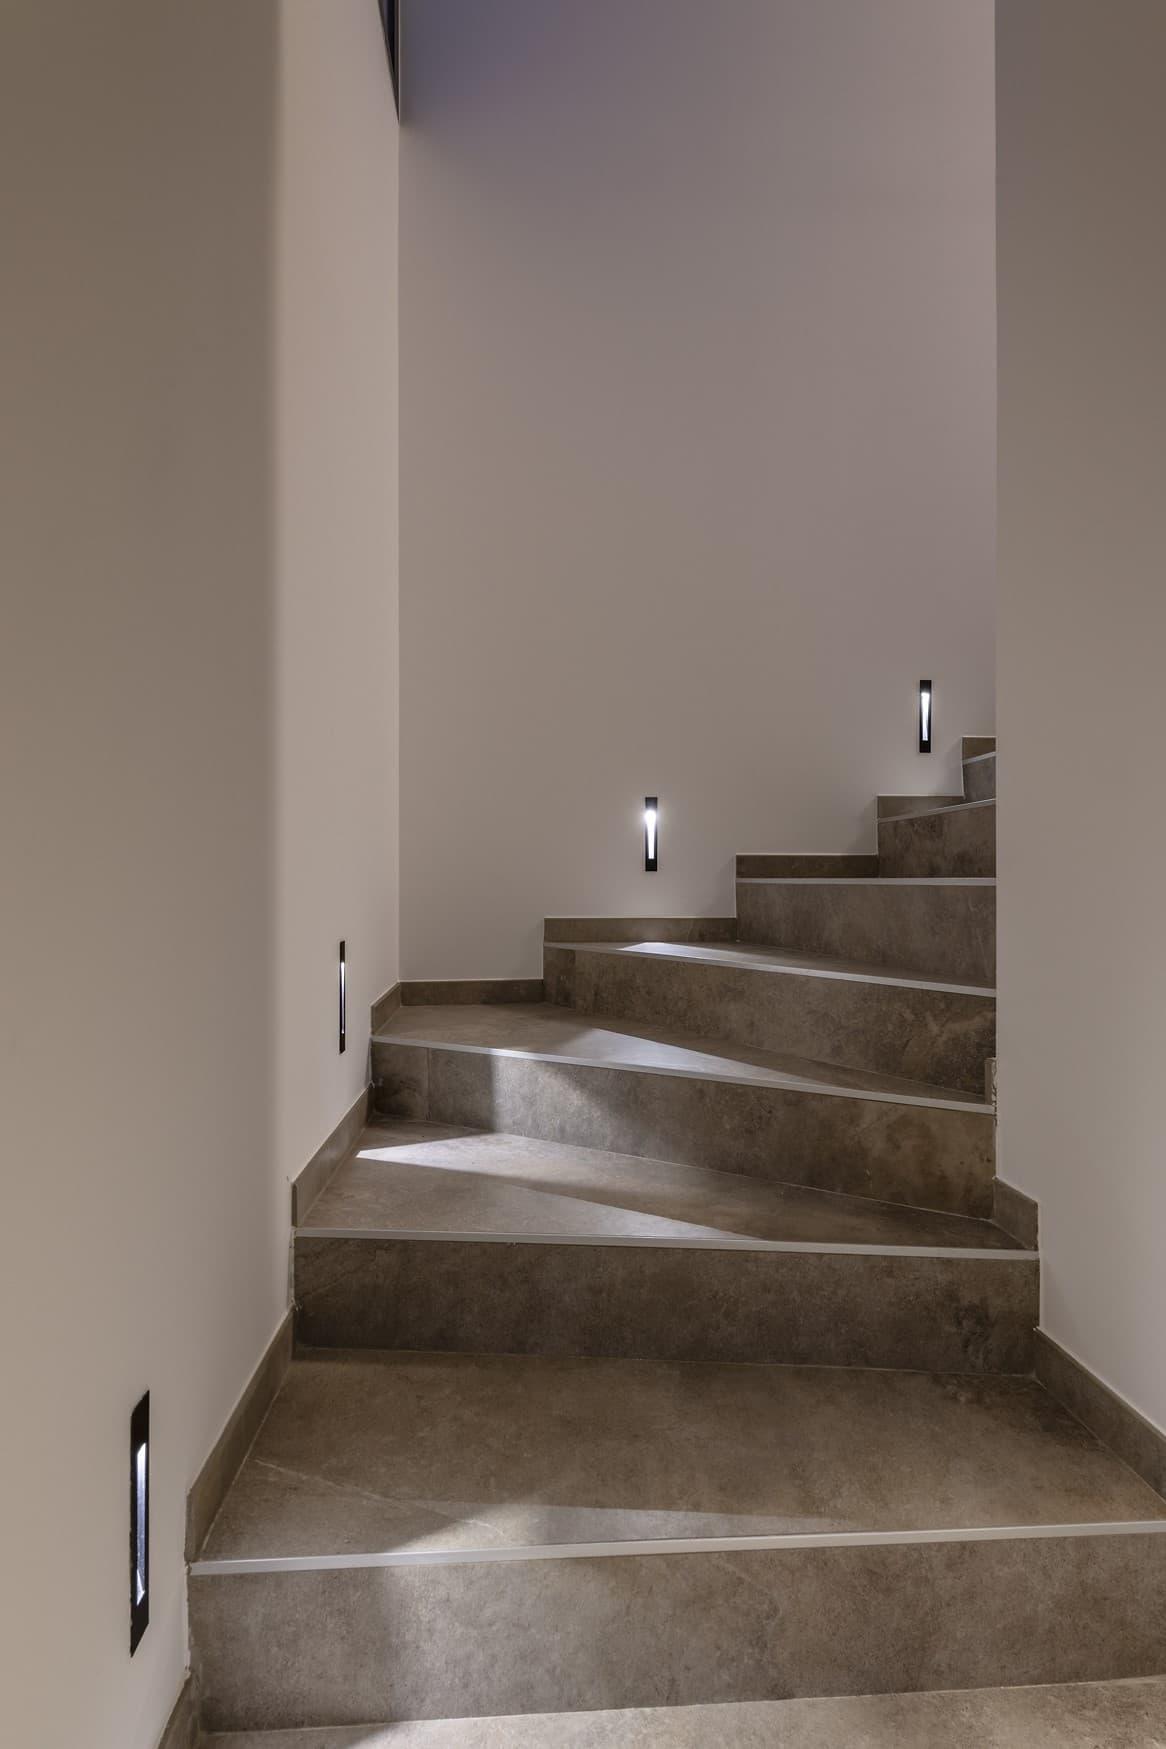 Escalier de la villa